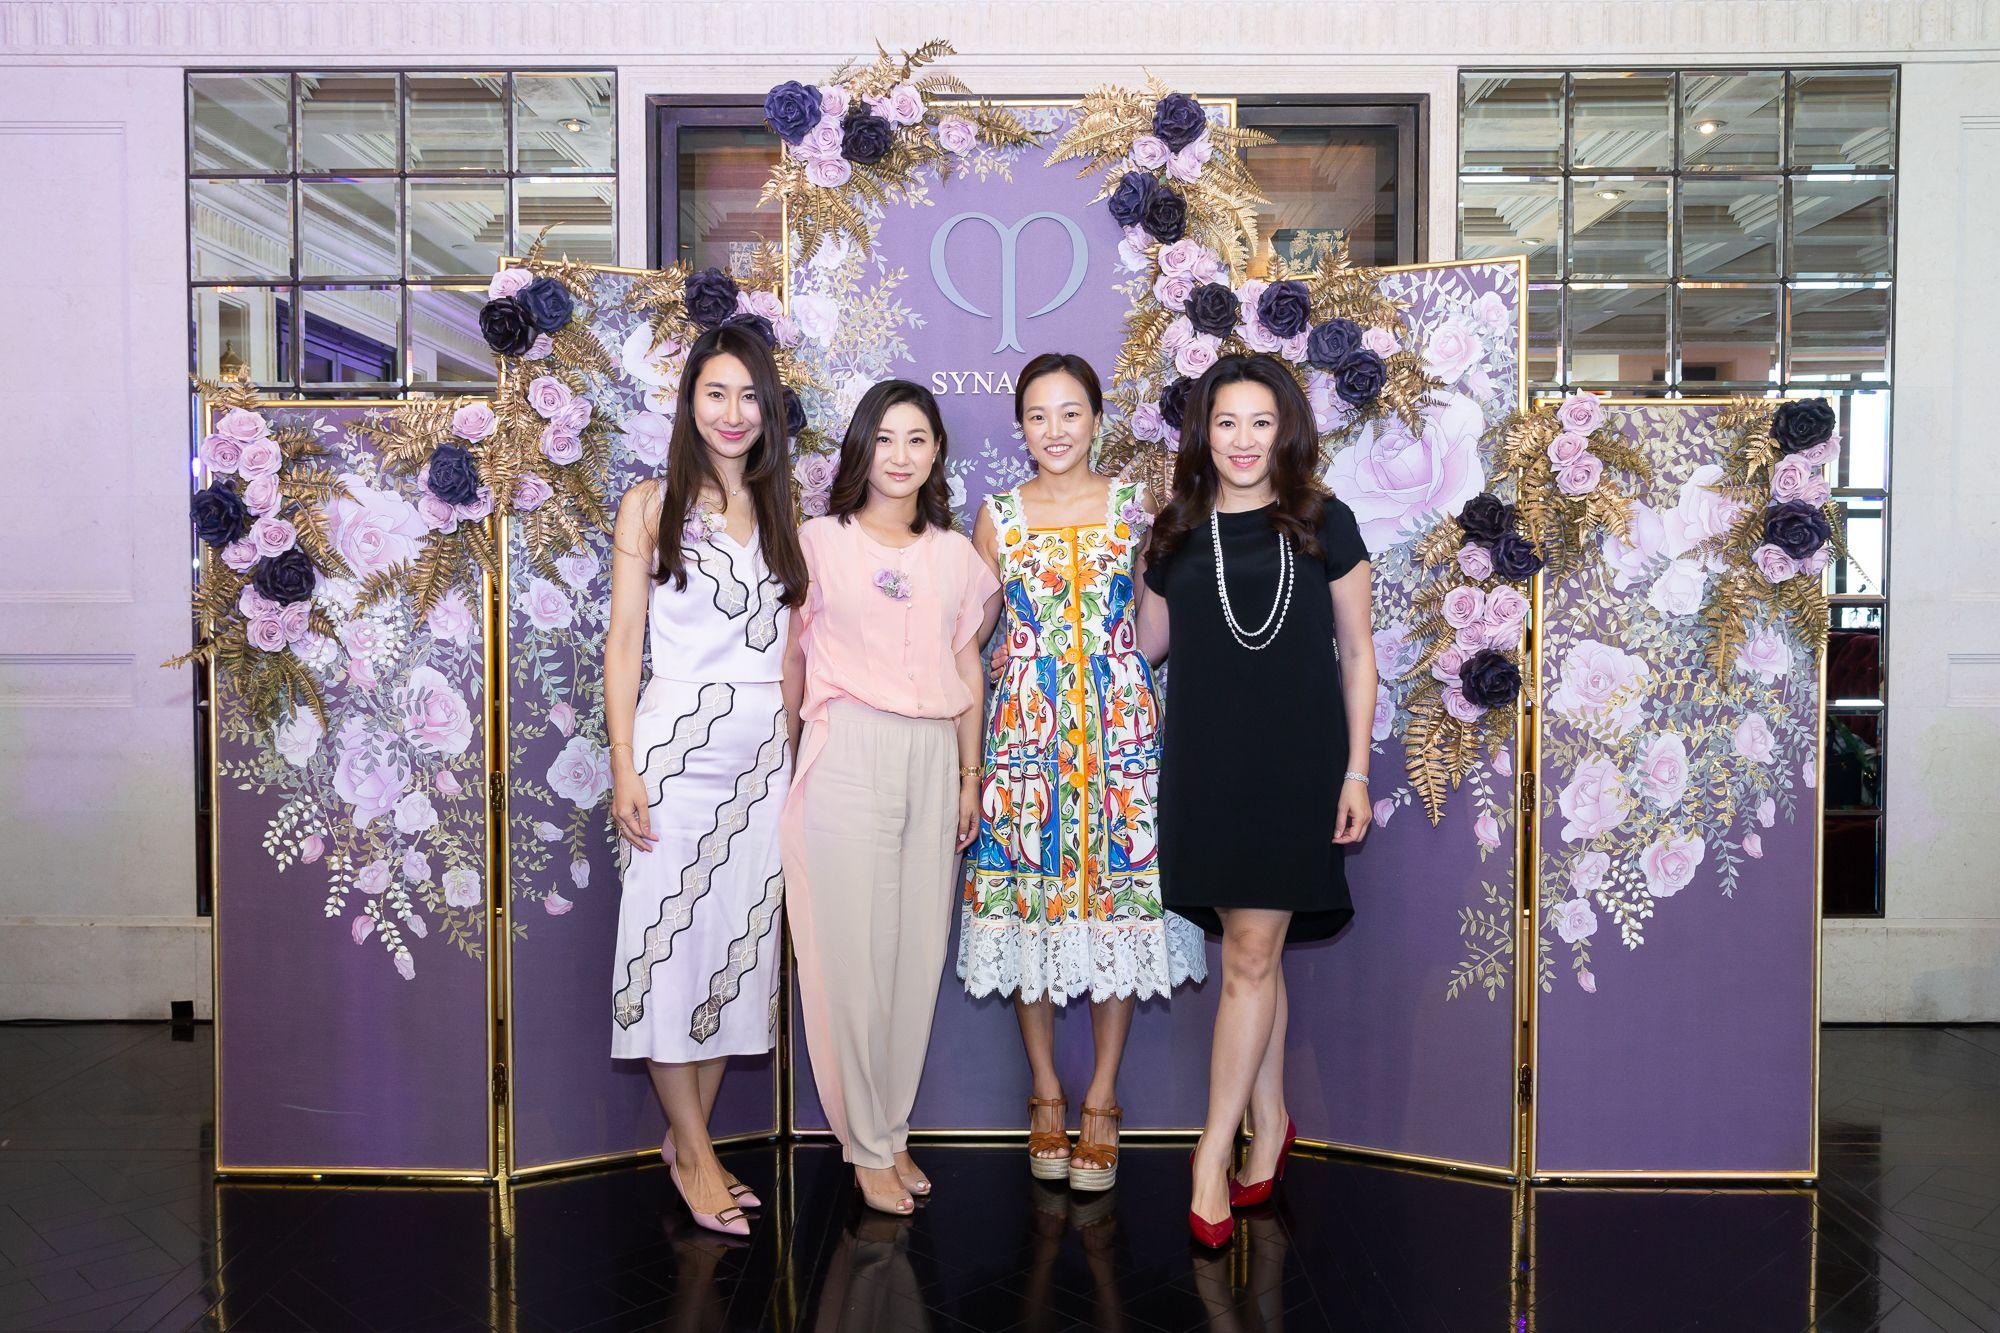 Jamie Tang, Lillian Lee-Fong, Jee Park, Isabella Liang